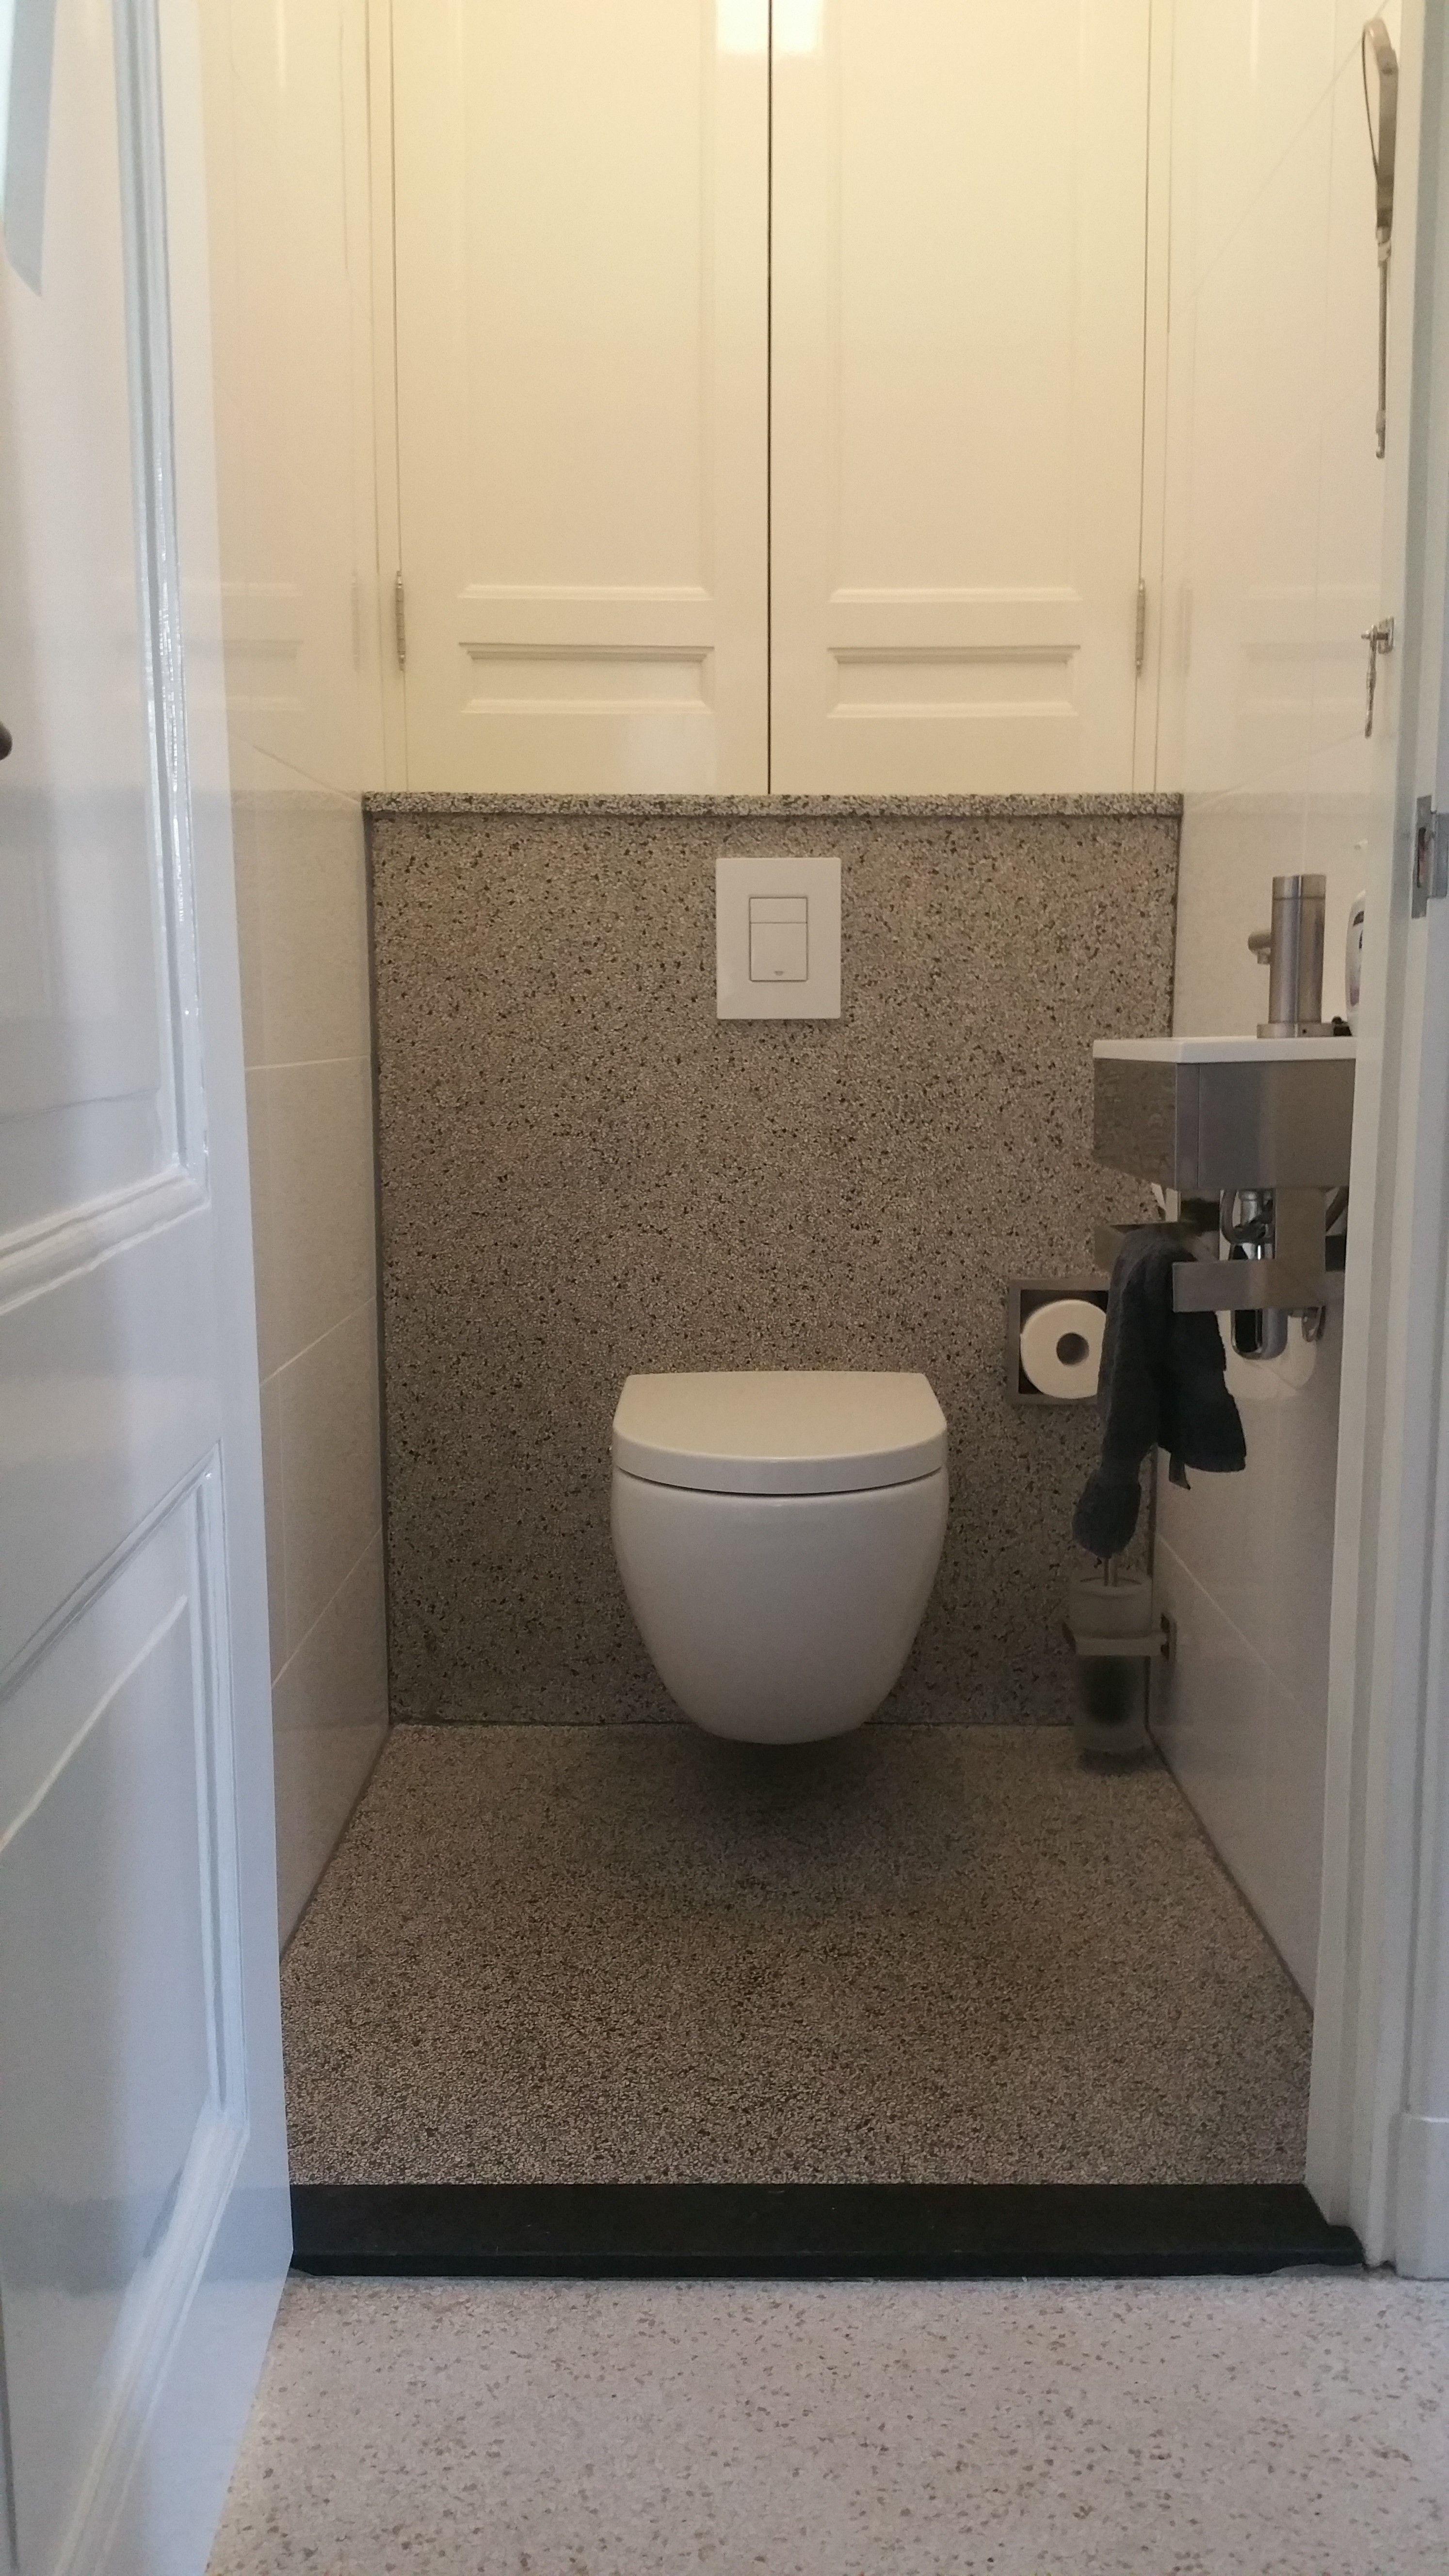 Toilet met terrazzo vloer en achterwand | Badkamer | Pinterest ...